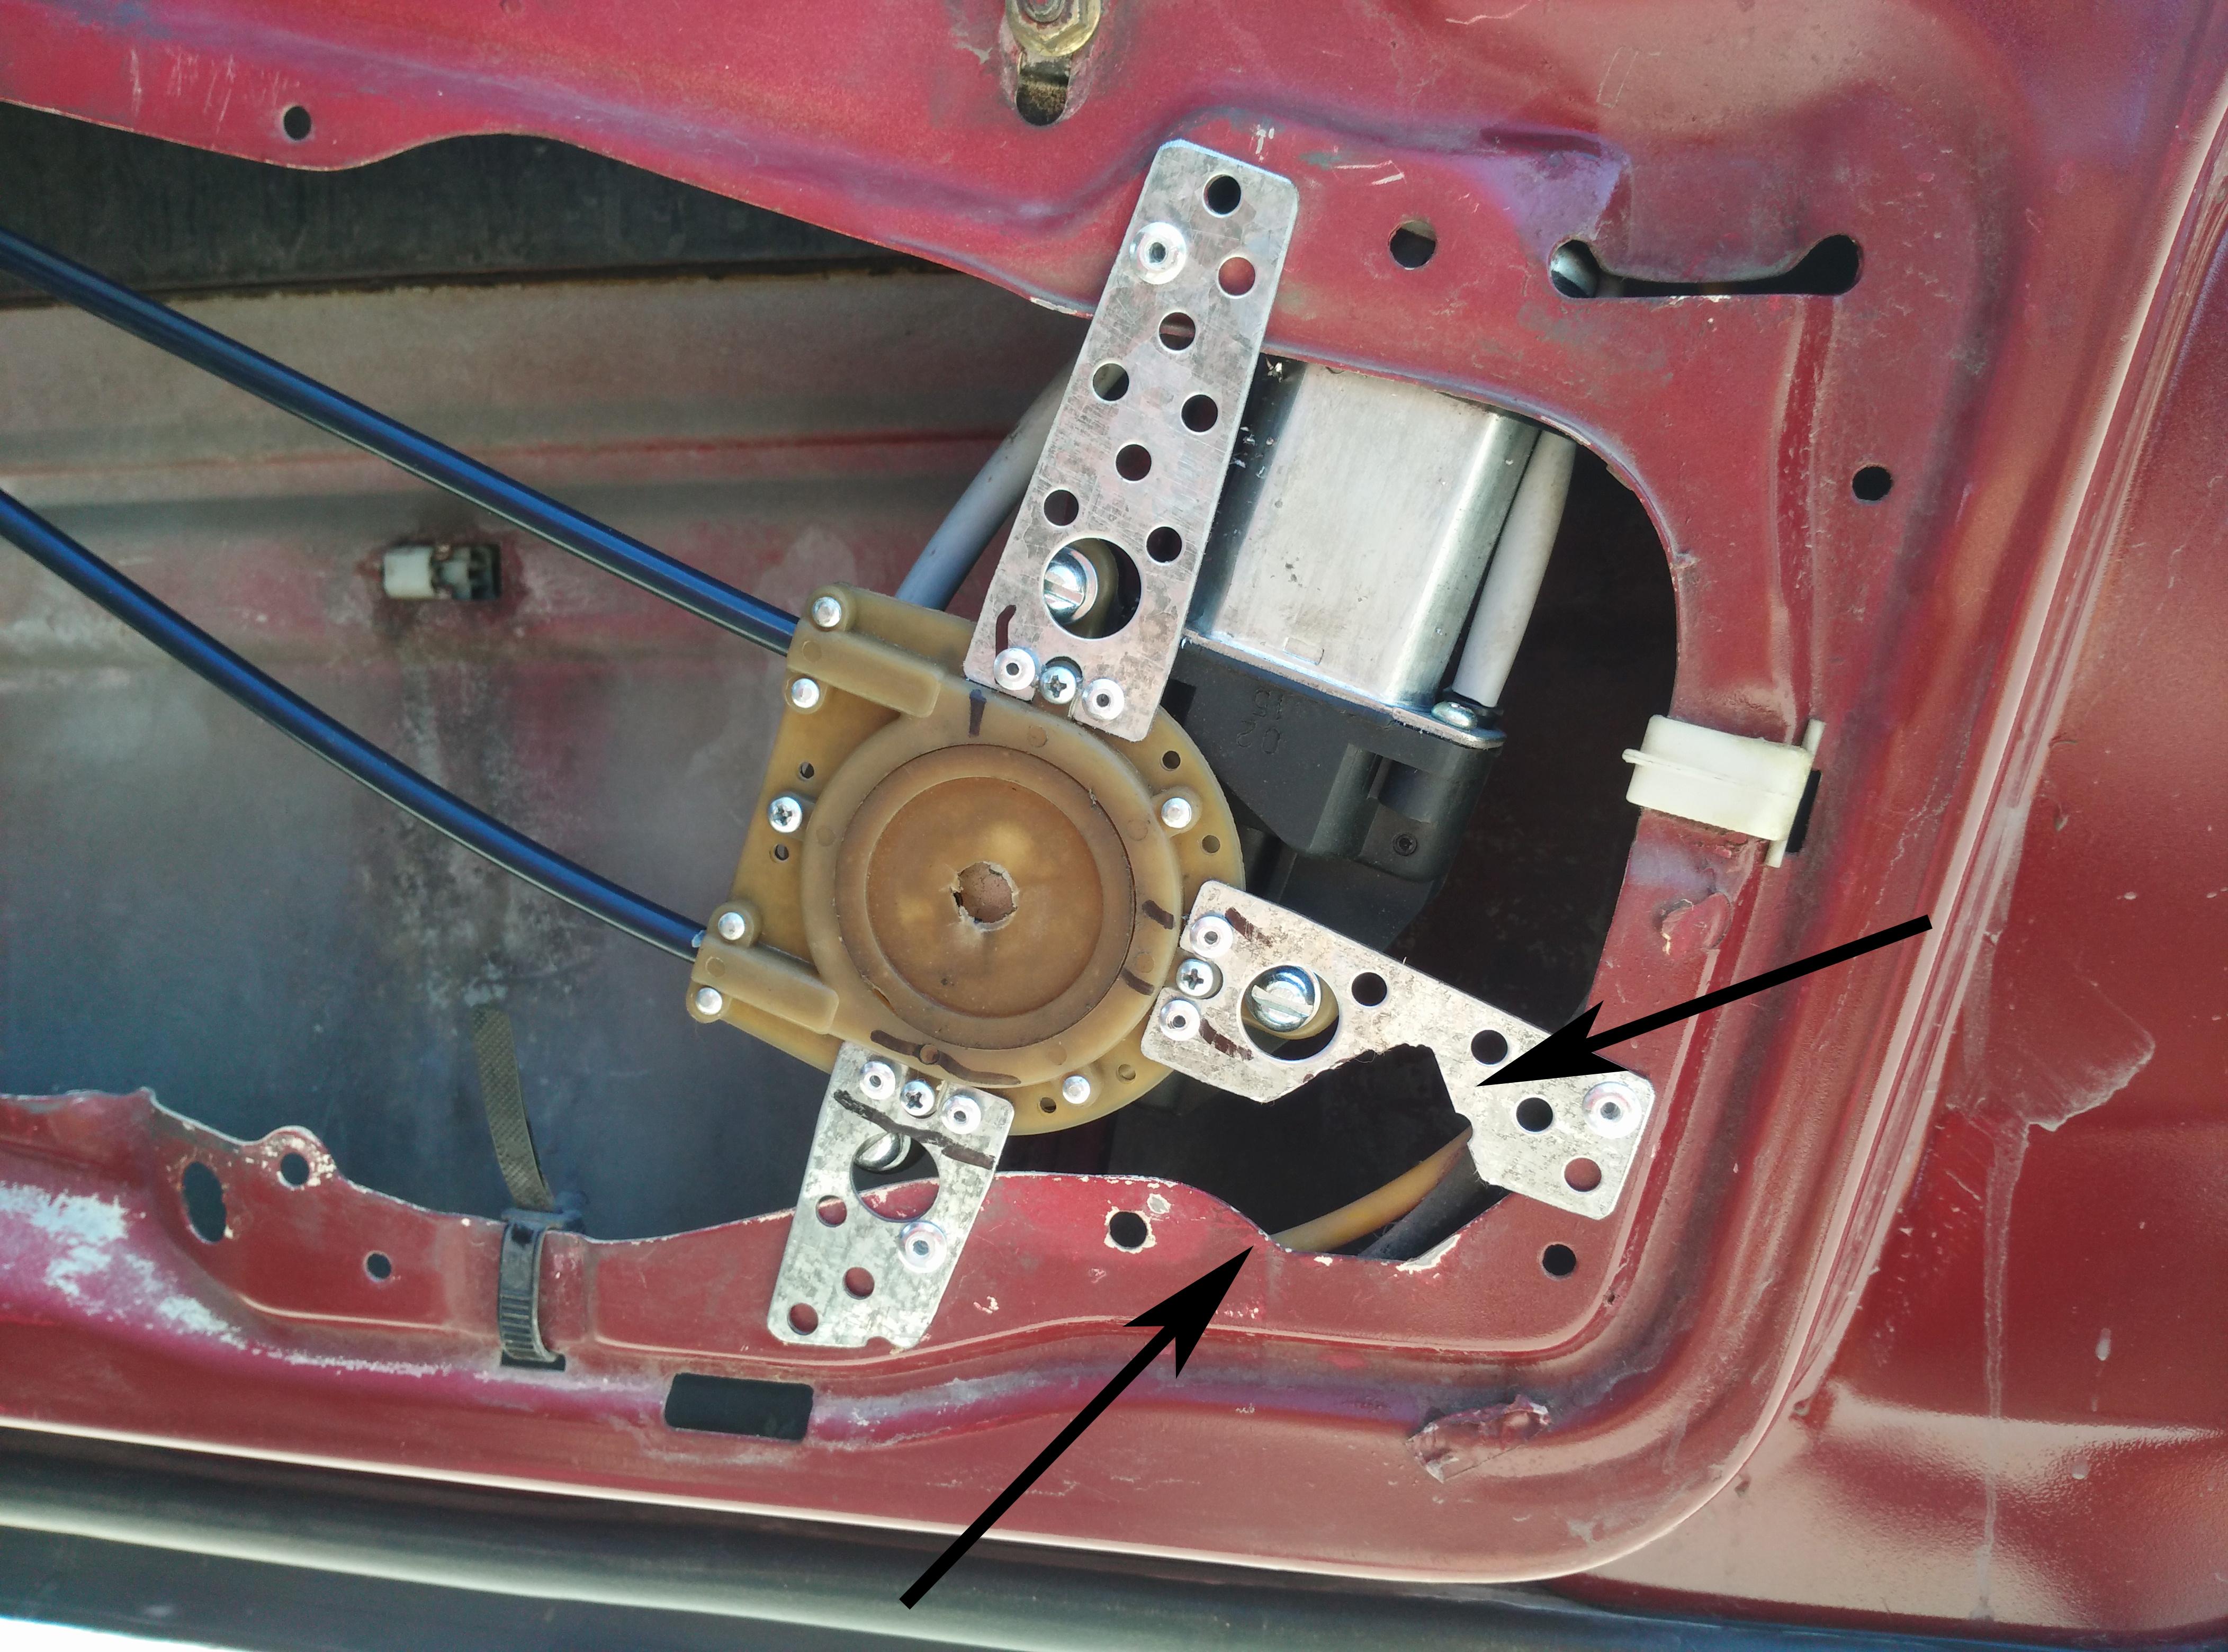 """Установка универсальных электрических стеклоподъемников """"ГРАНАТ"""" и доводчика стеклоподъемников Mongoose CWM-2 на Мерседес W124. Рис. 5"""